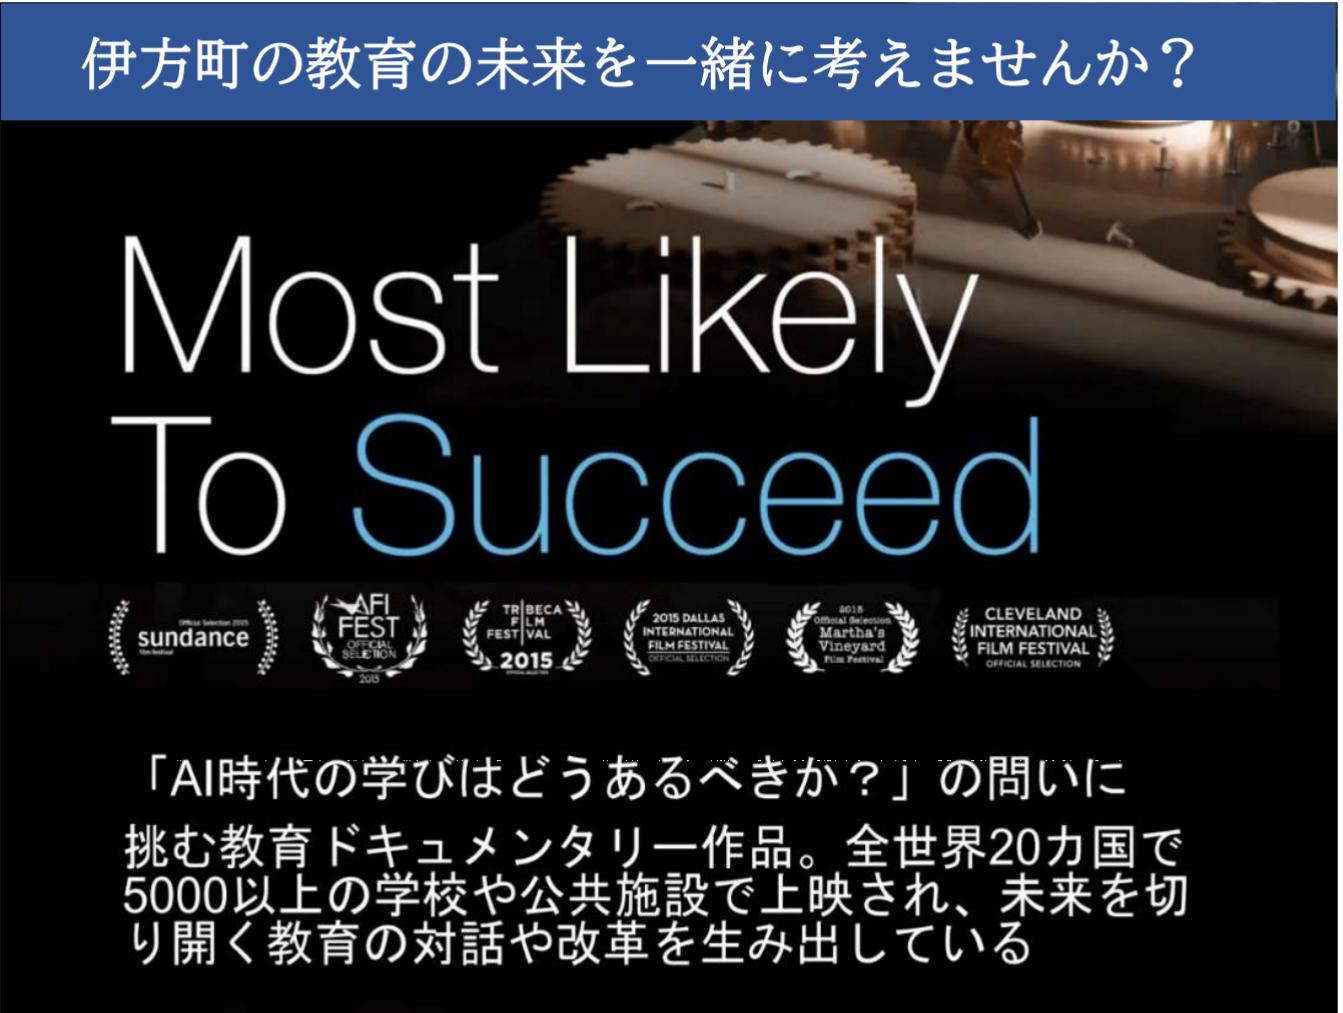 これからの教育を考える!2019年11月29日限定公開の映画「Most Likely To Succeed」 を見に行ってみませんか?